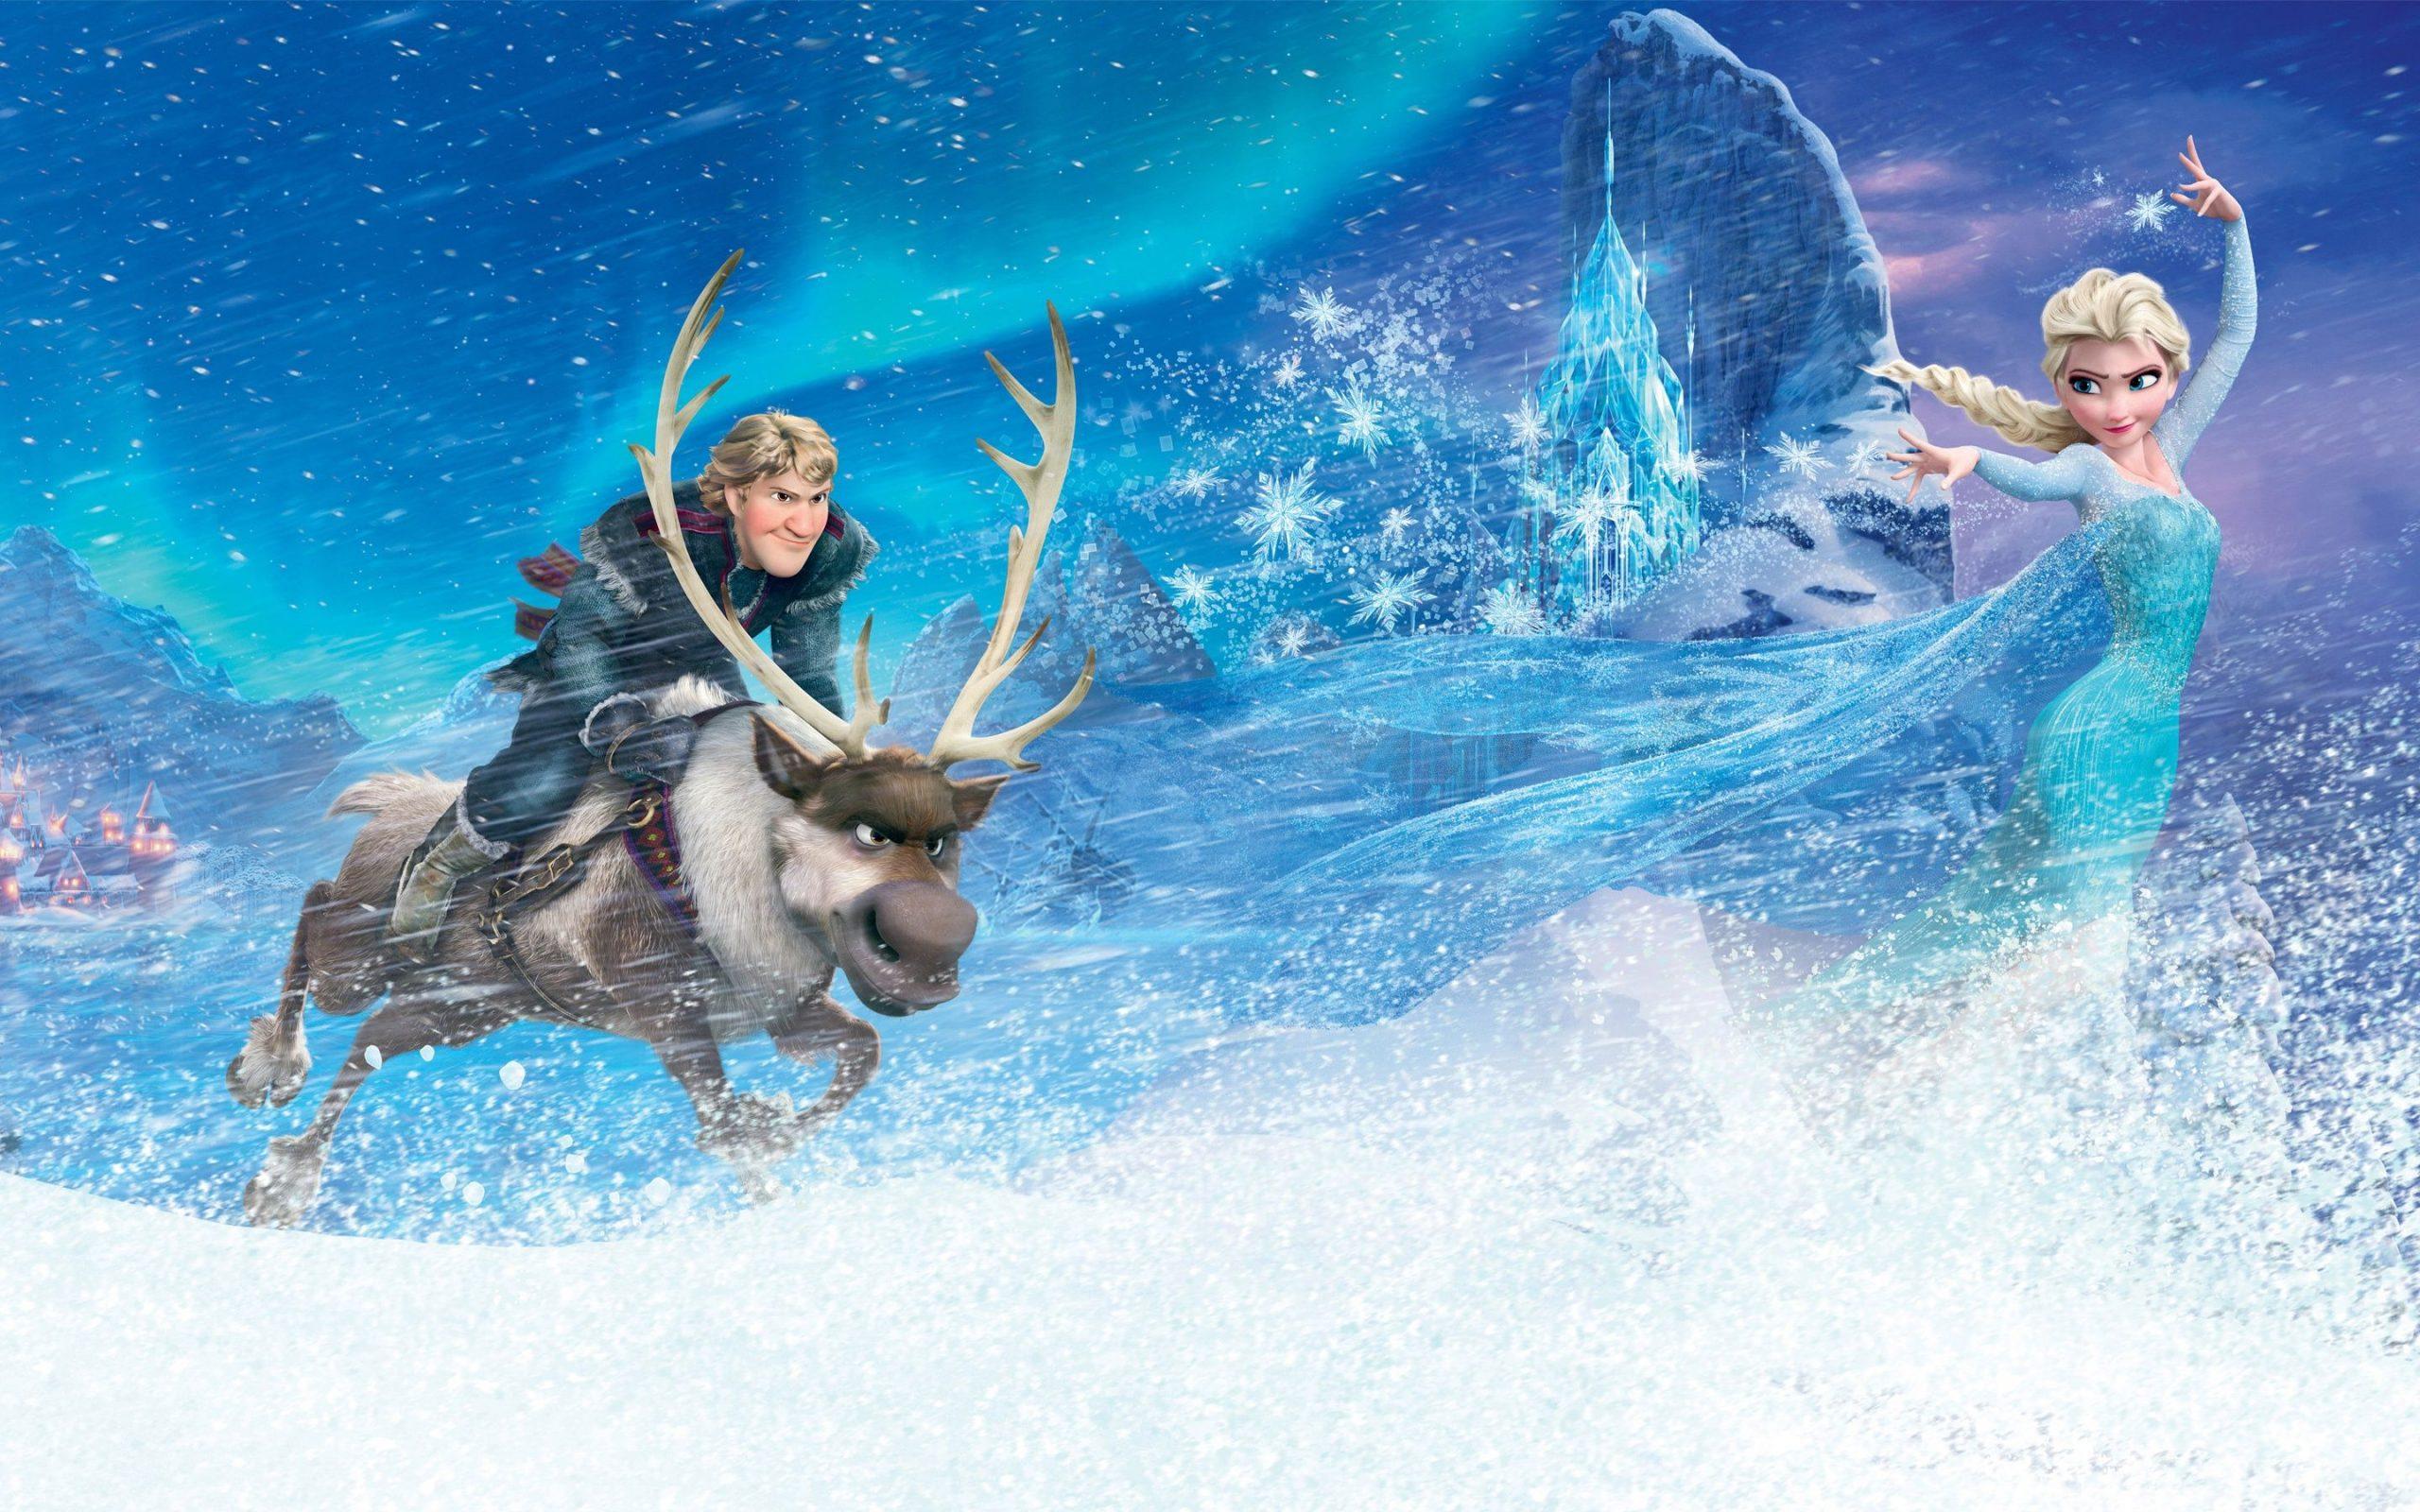 Wallpapers Elsa Frozen